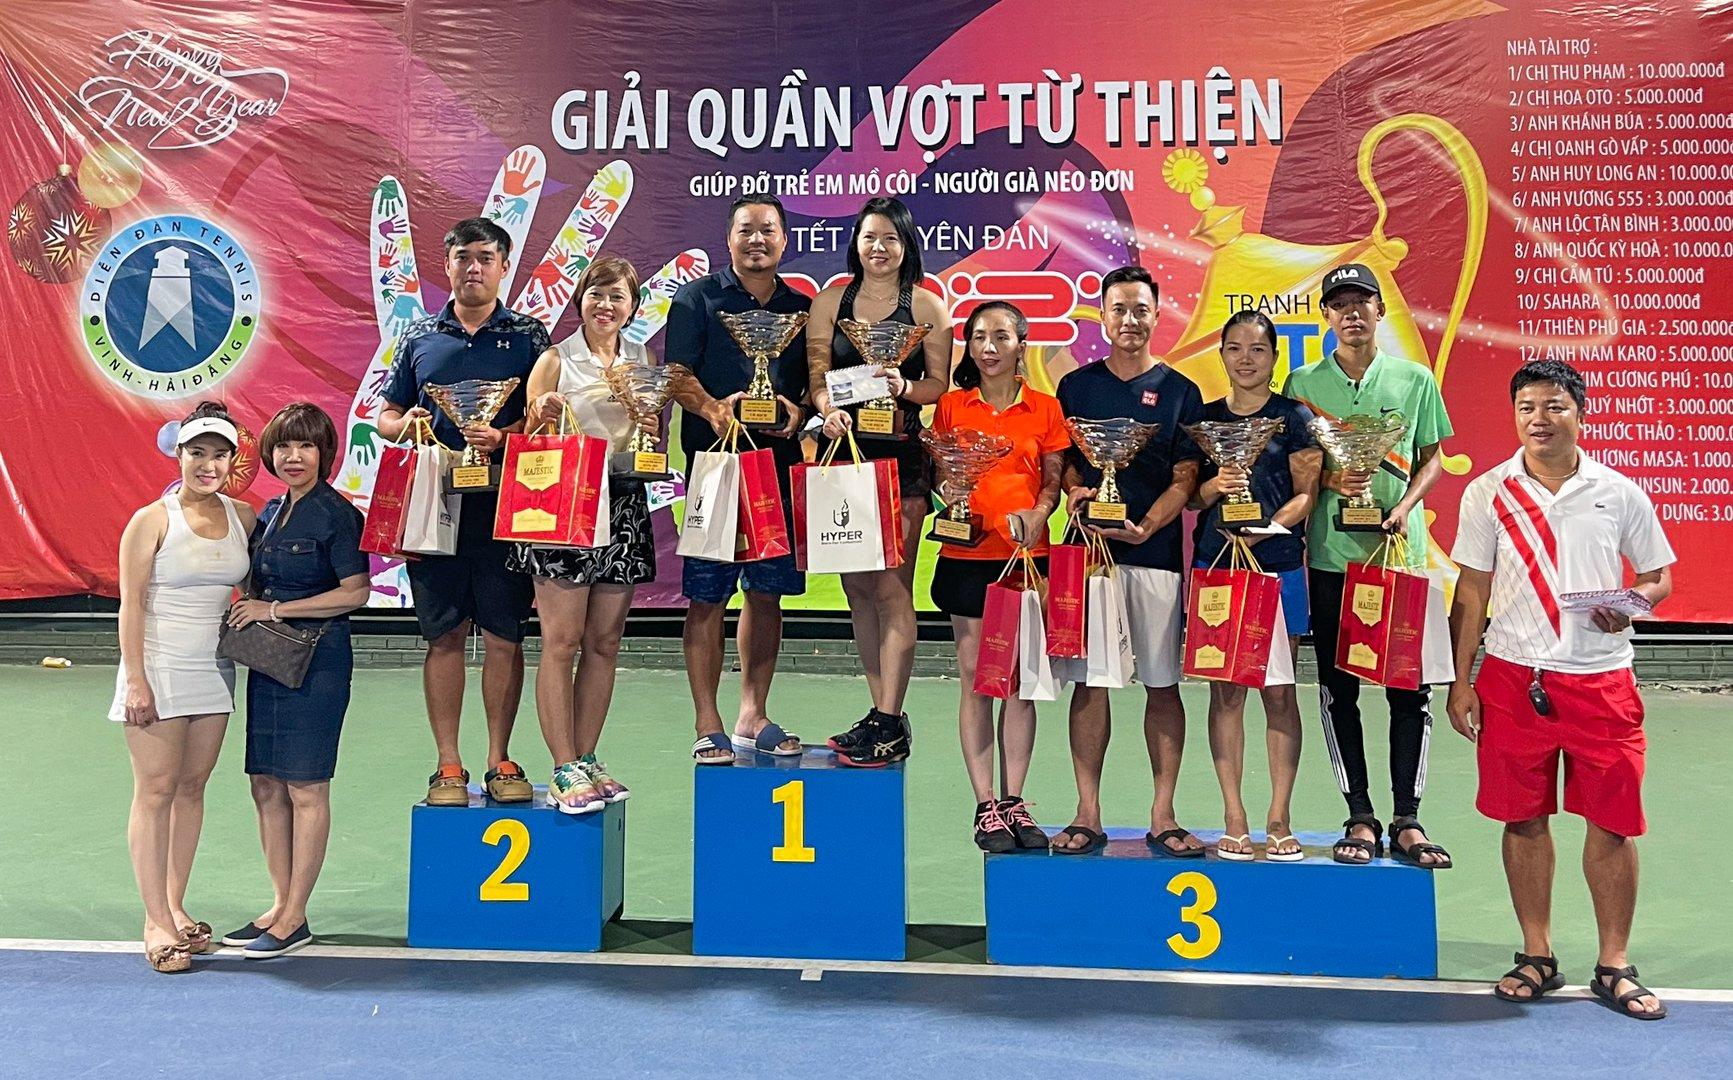 Hình ảnh: Ấm lòng giải quần vợt từ thiện nhân dịp Tết Nguyên Đán 2021 – Tranh Cúp TTQ số 3